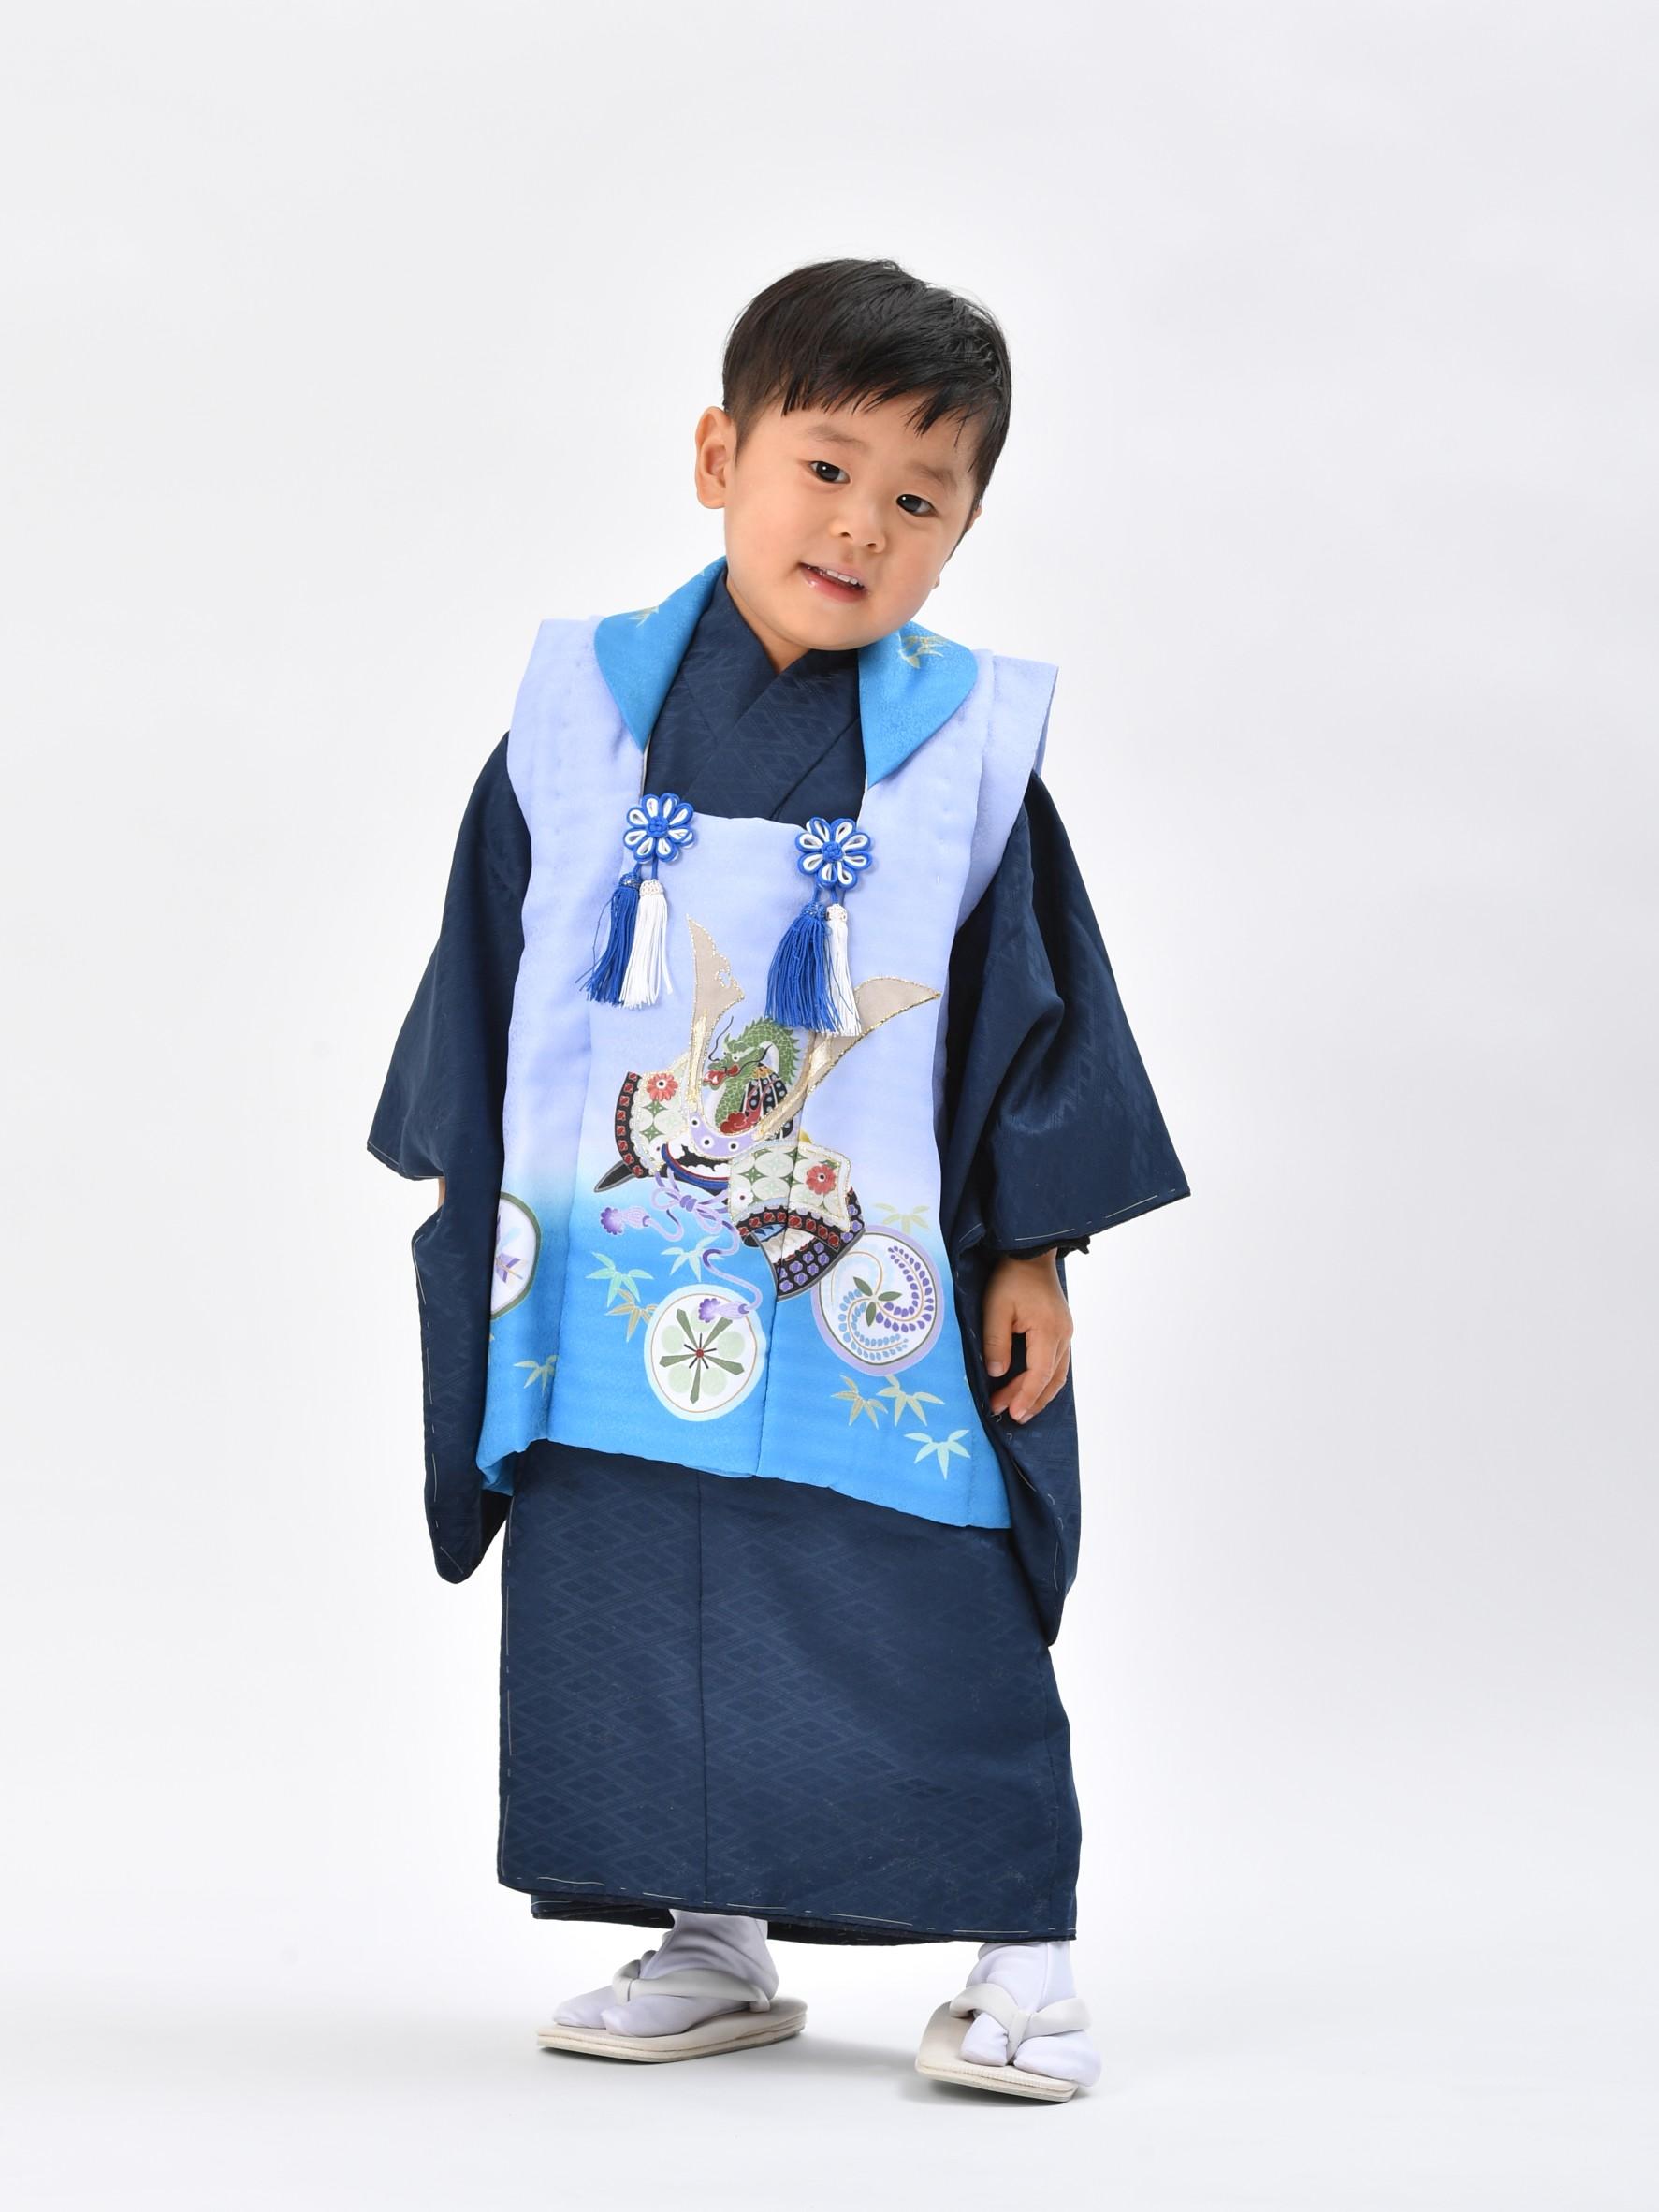 3才の男の子(満2歳)がお参りするときの被布です。